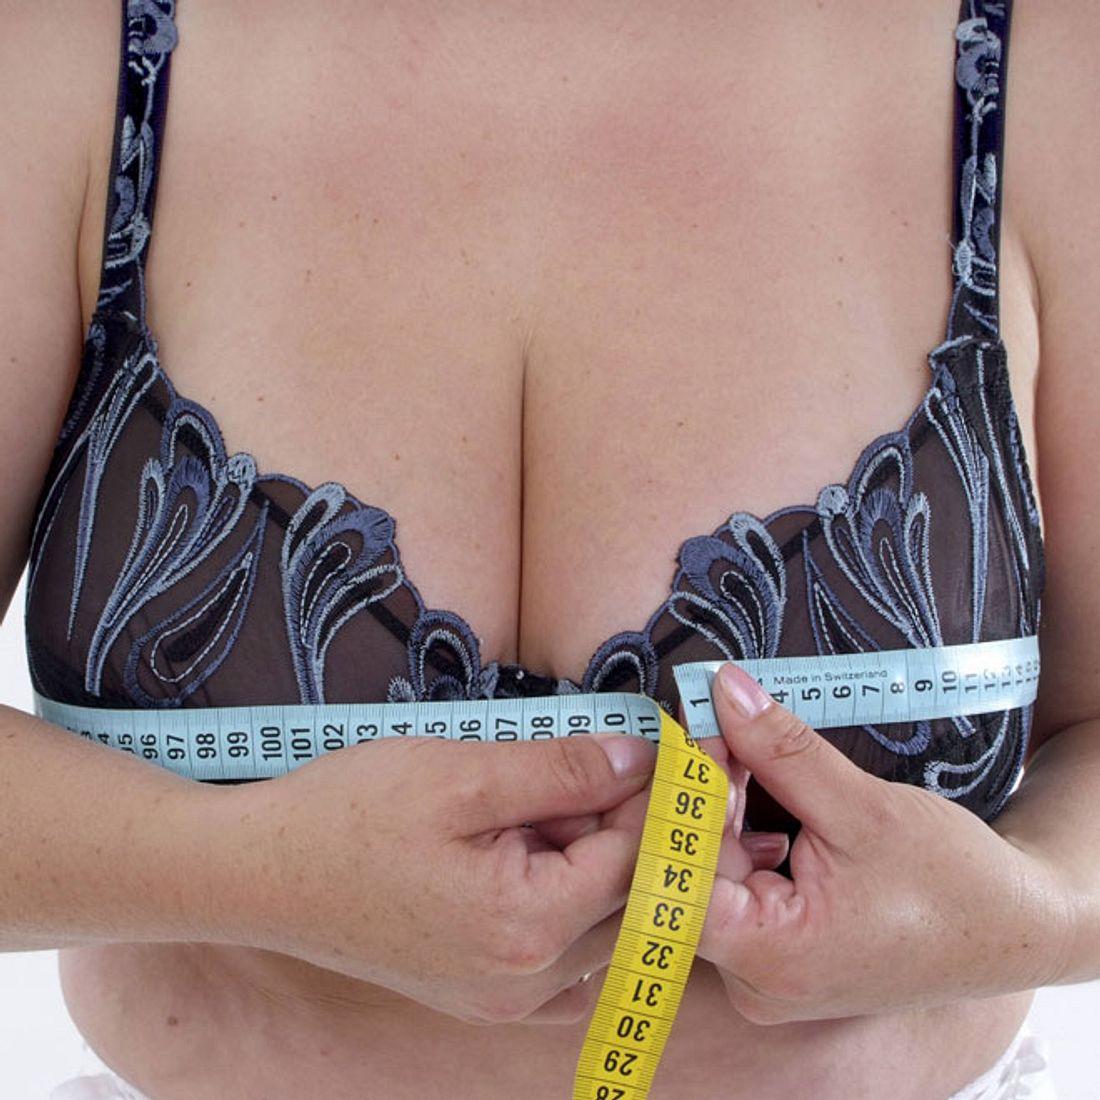 Busen-Horror: Die Brust der 23-Jährigen Sheridan hört nicht auf zu wachsen!